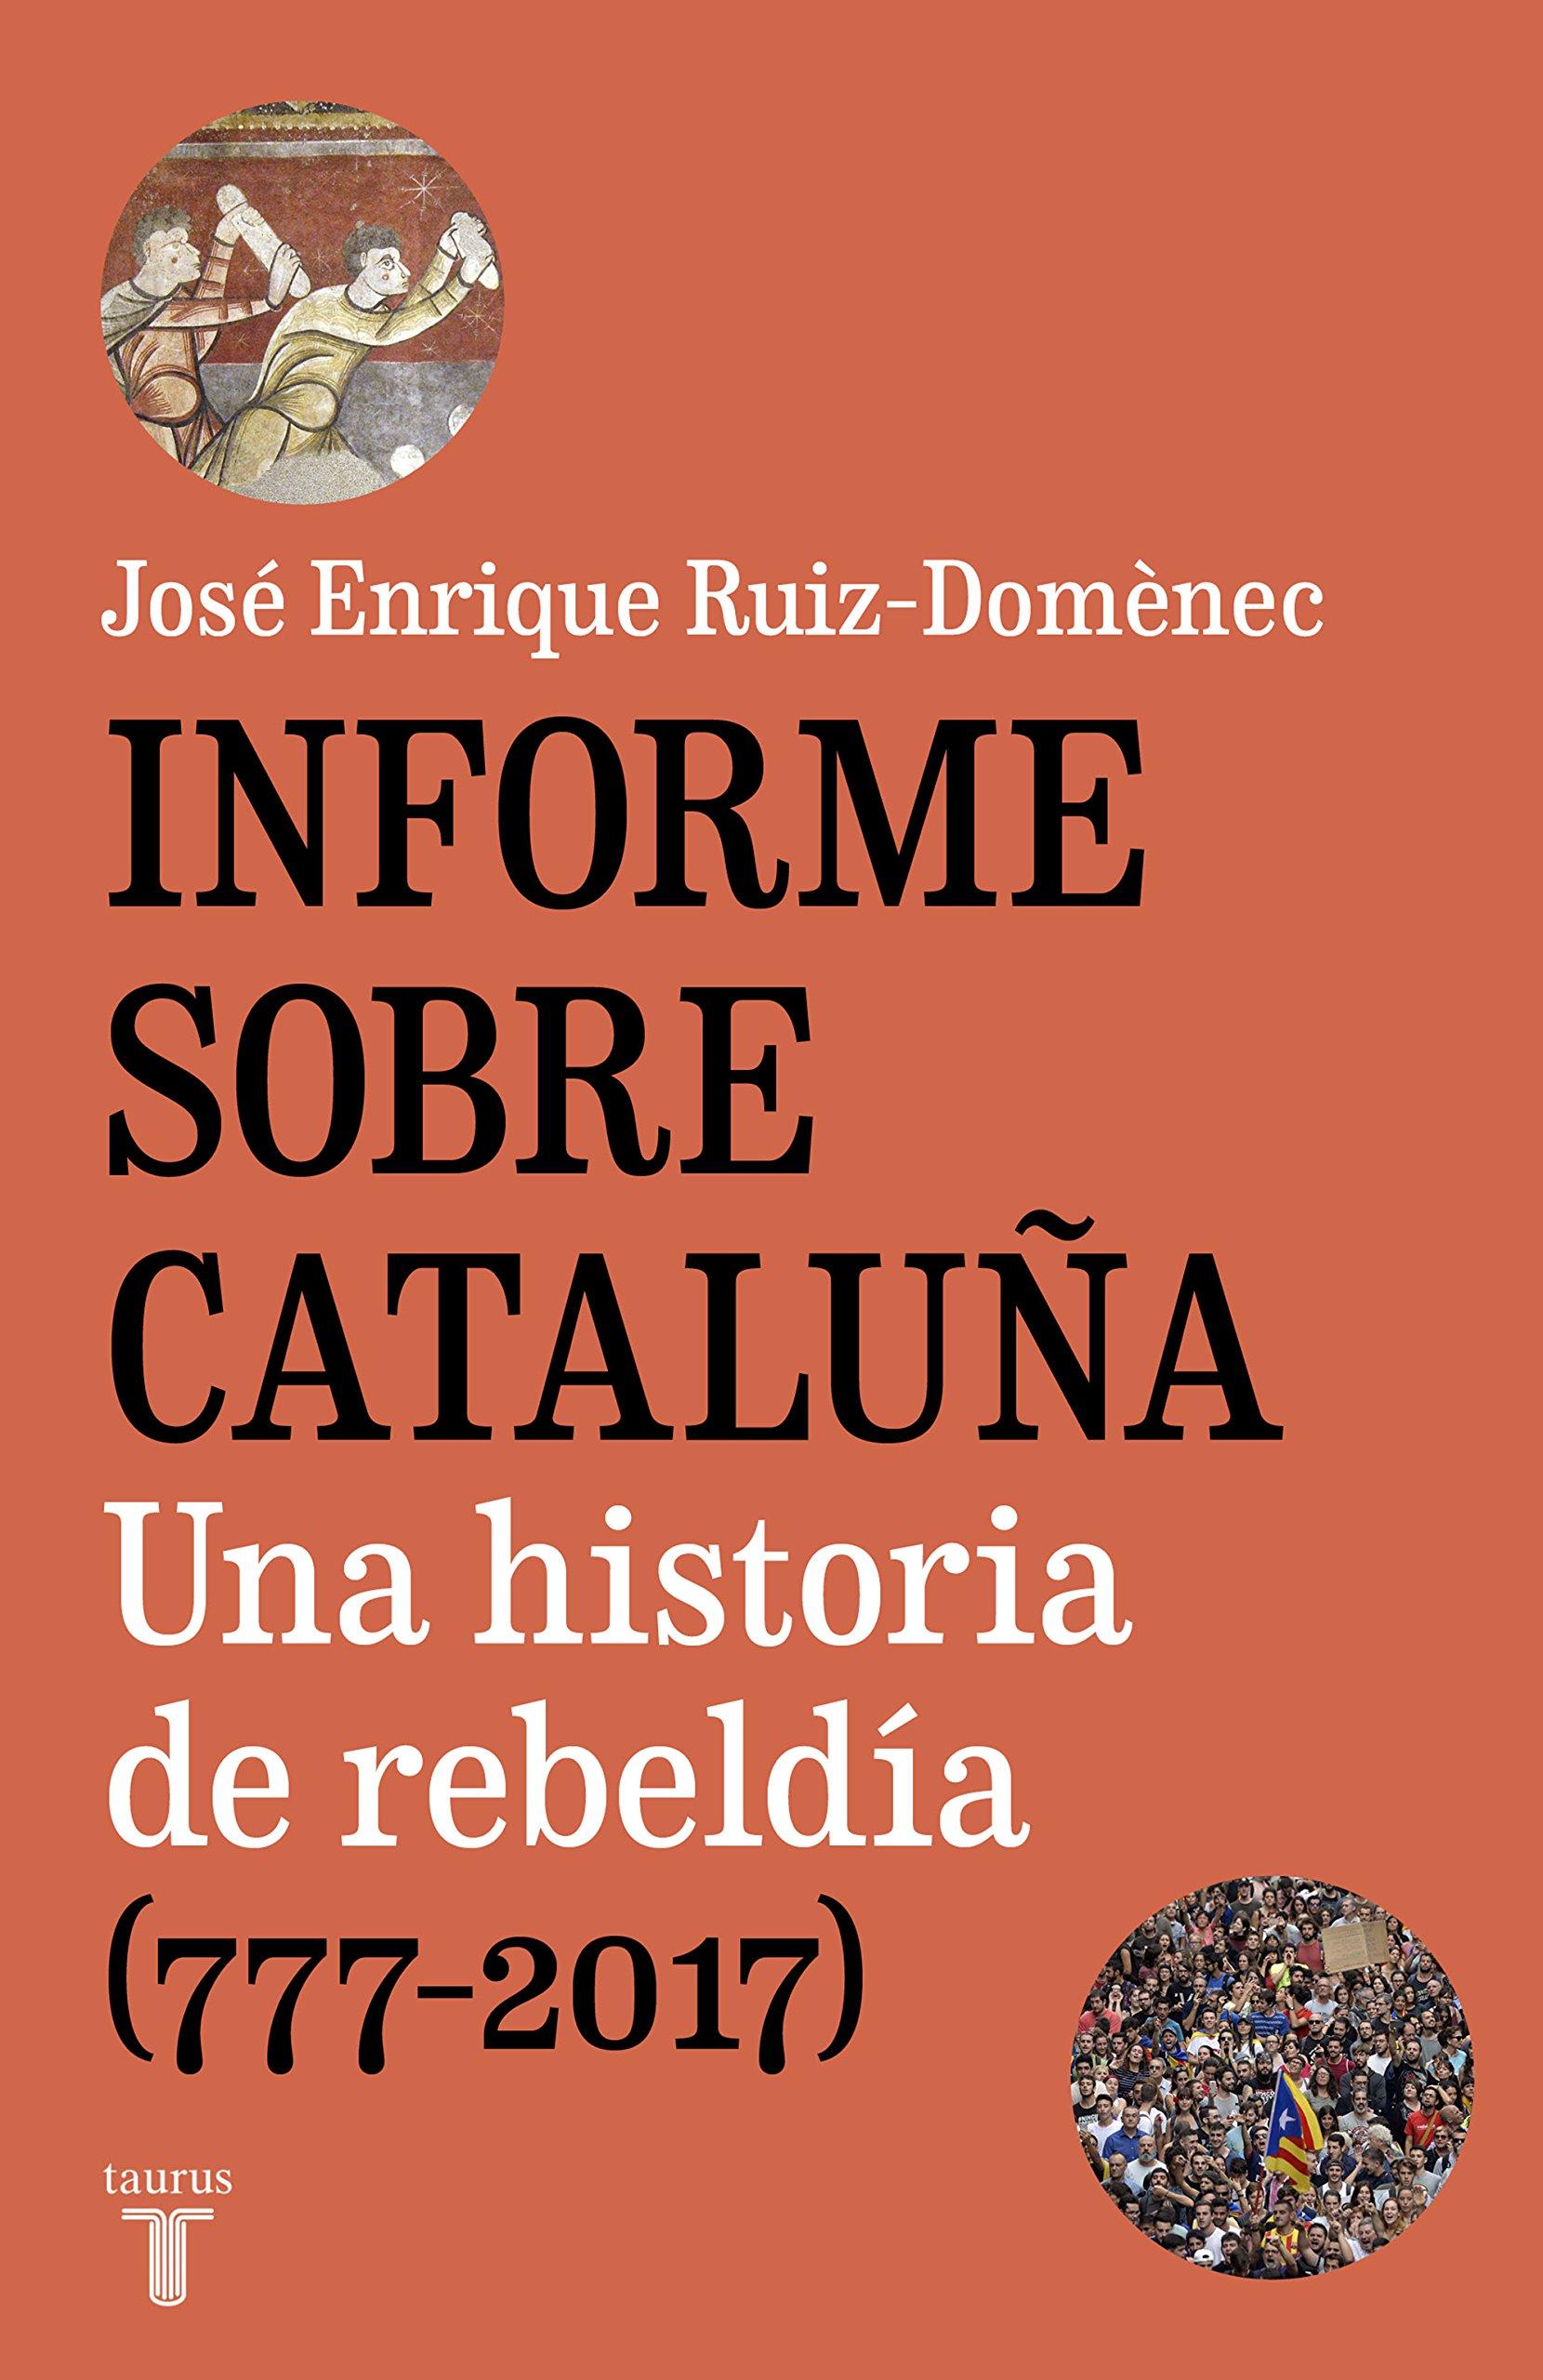 Informe sobre Cataluña: Una historia de rebeldía 777-2017: Amazon.es: Ruiz-Domènec, José Enrique: Libros